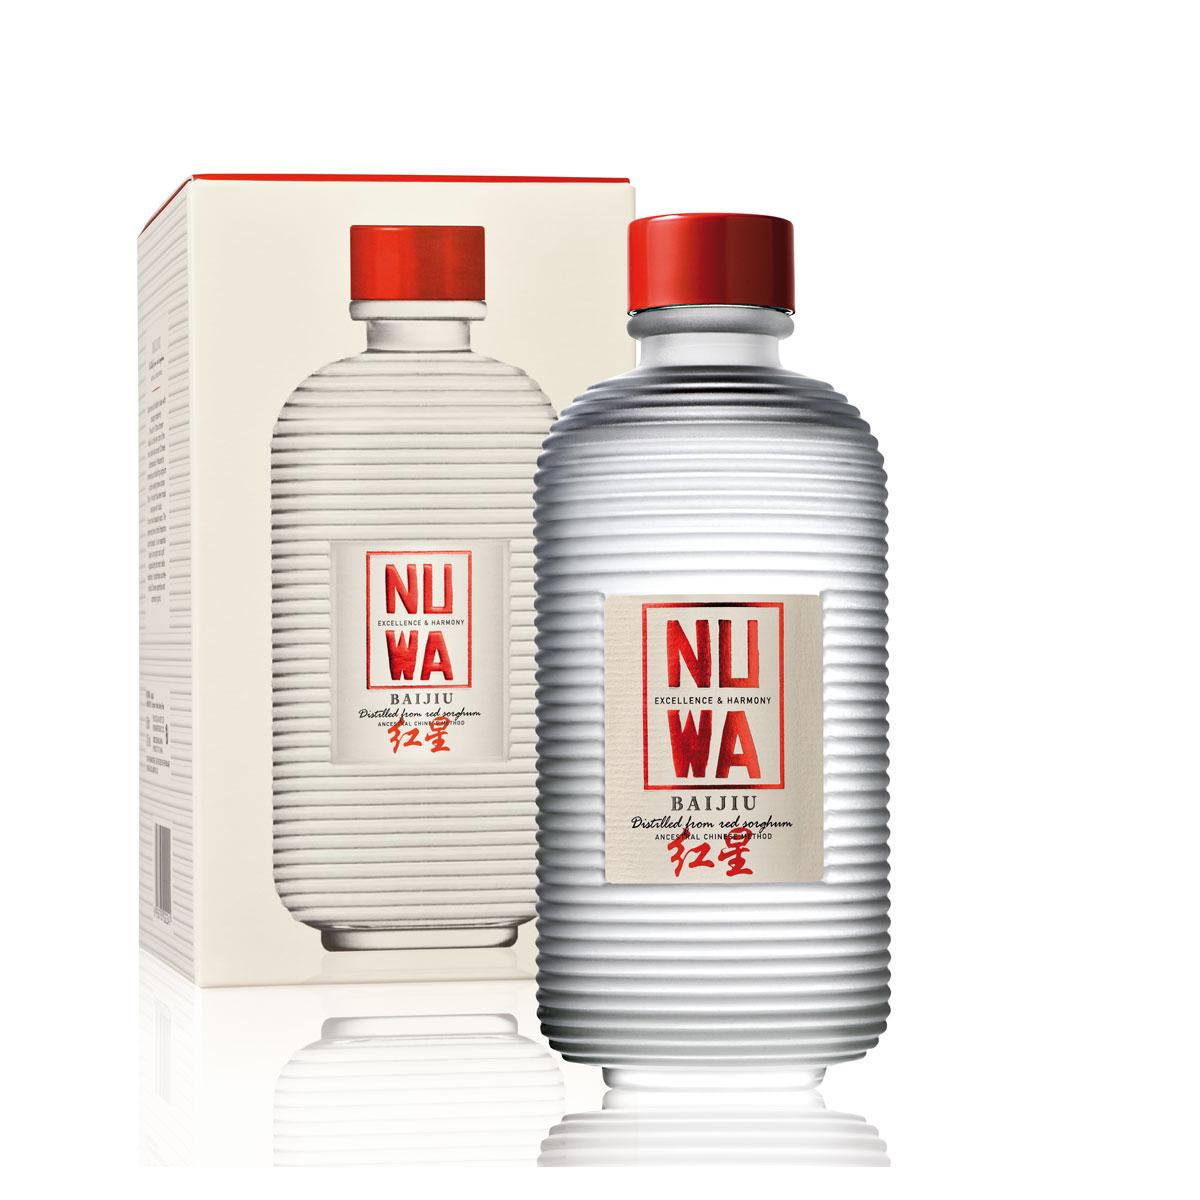 Nuwa-Baijiu